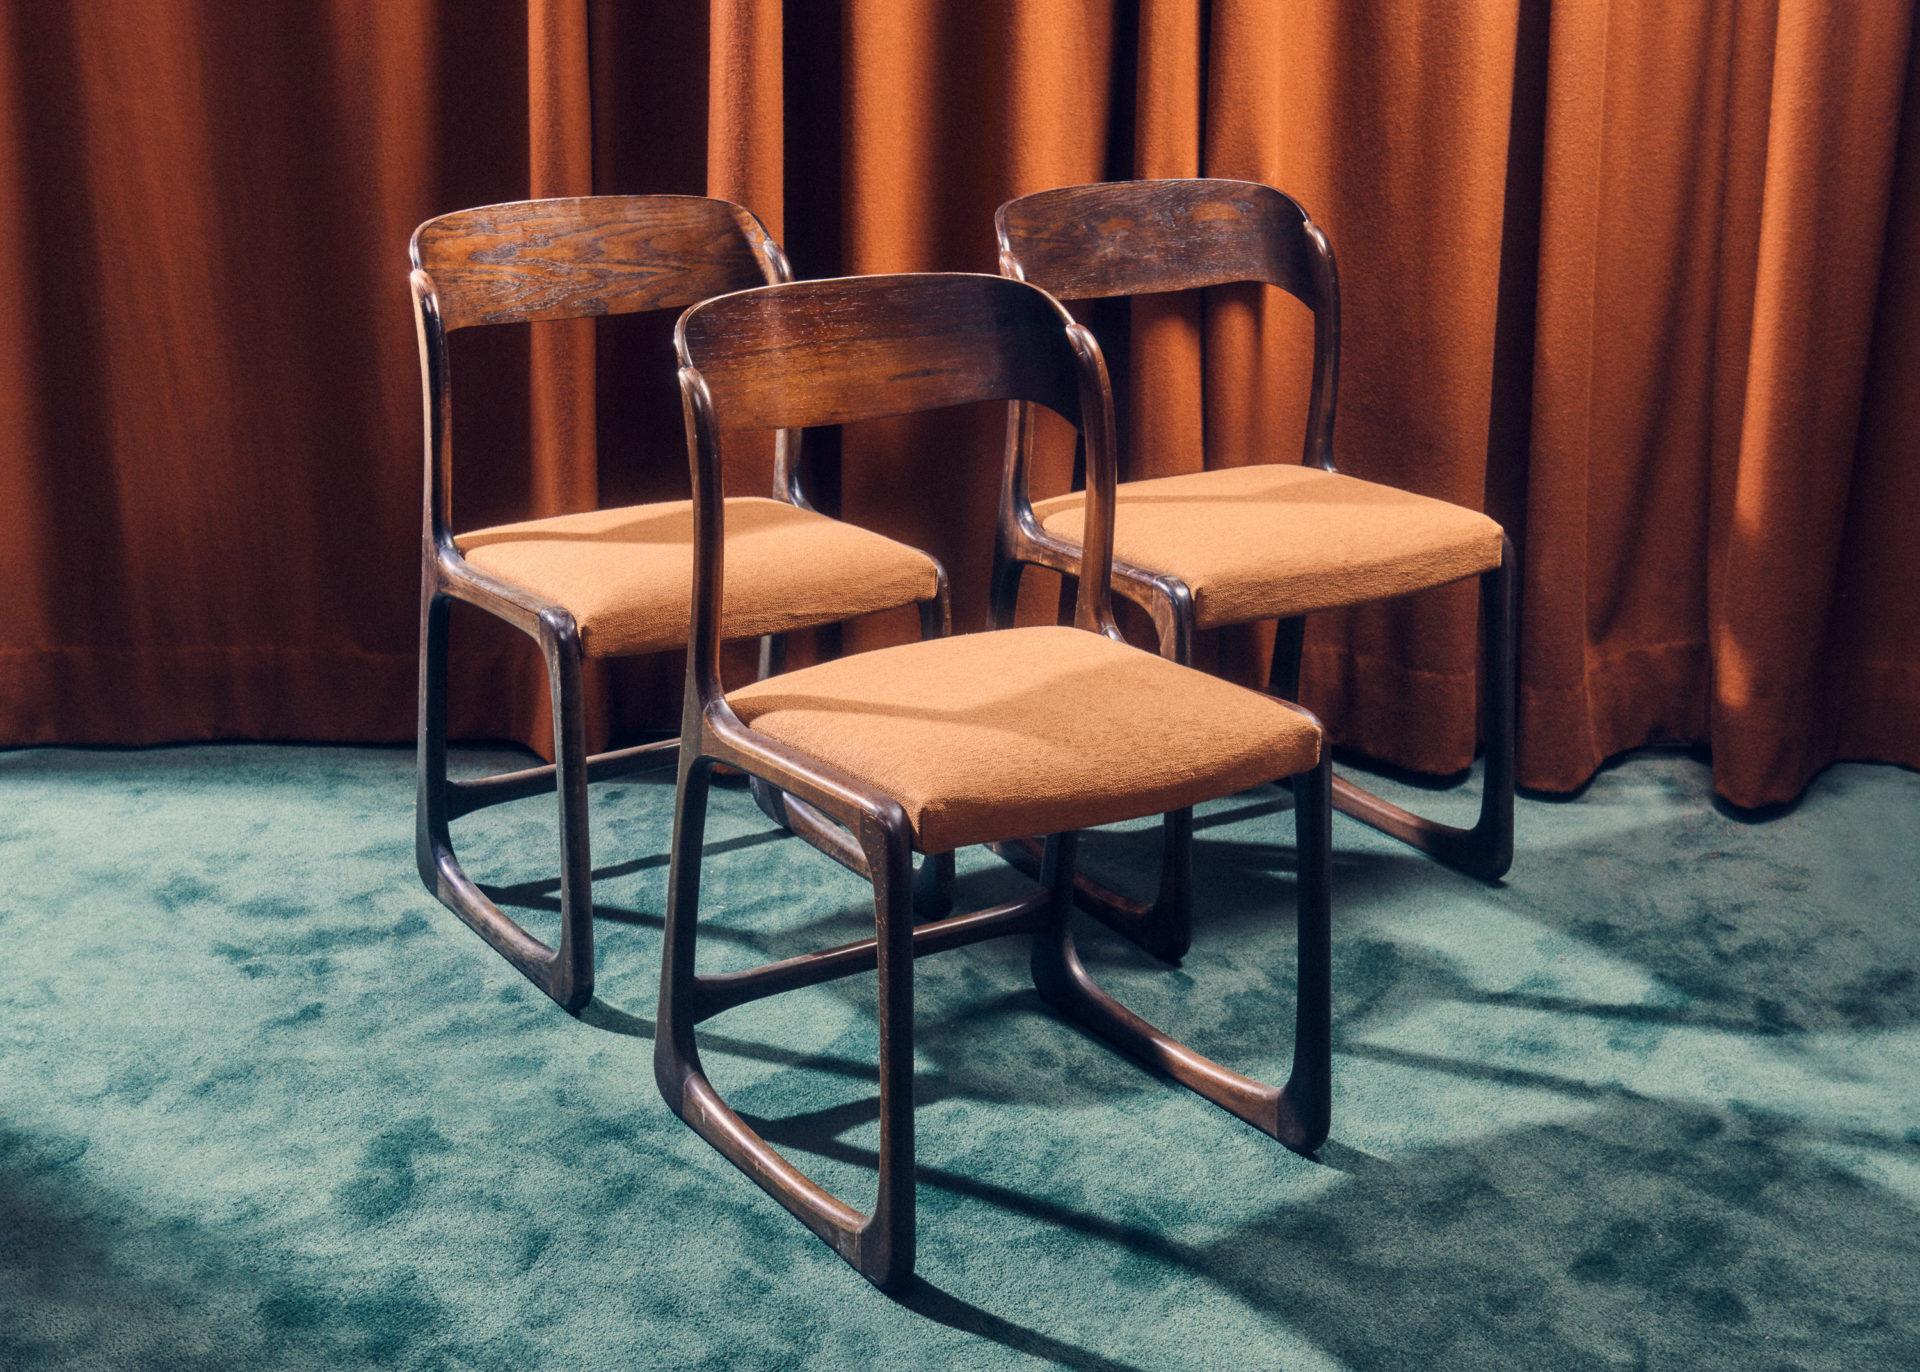 Trois chaises Sled de Baumann modèle